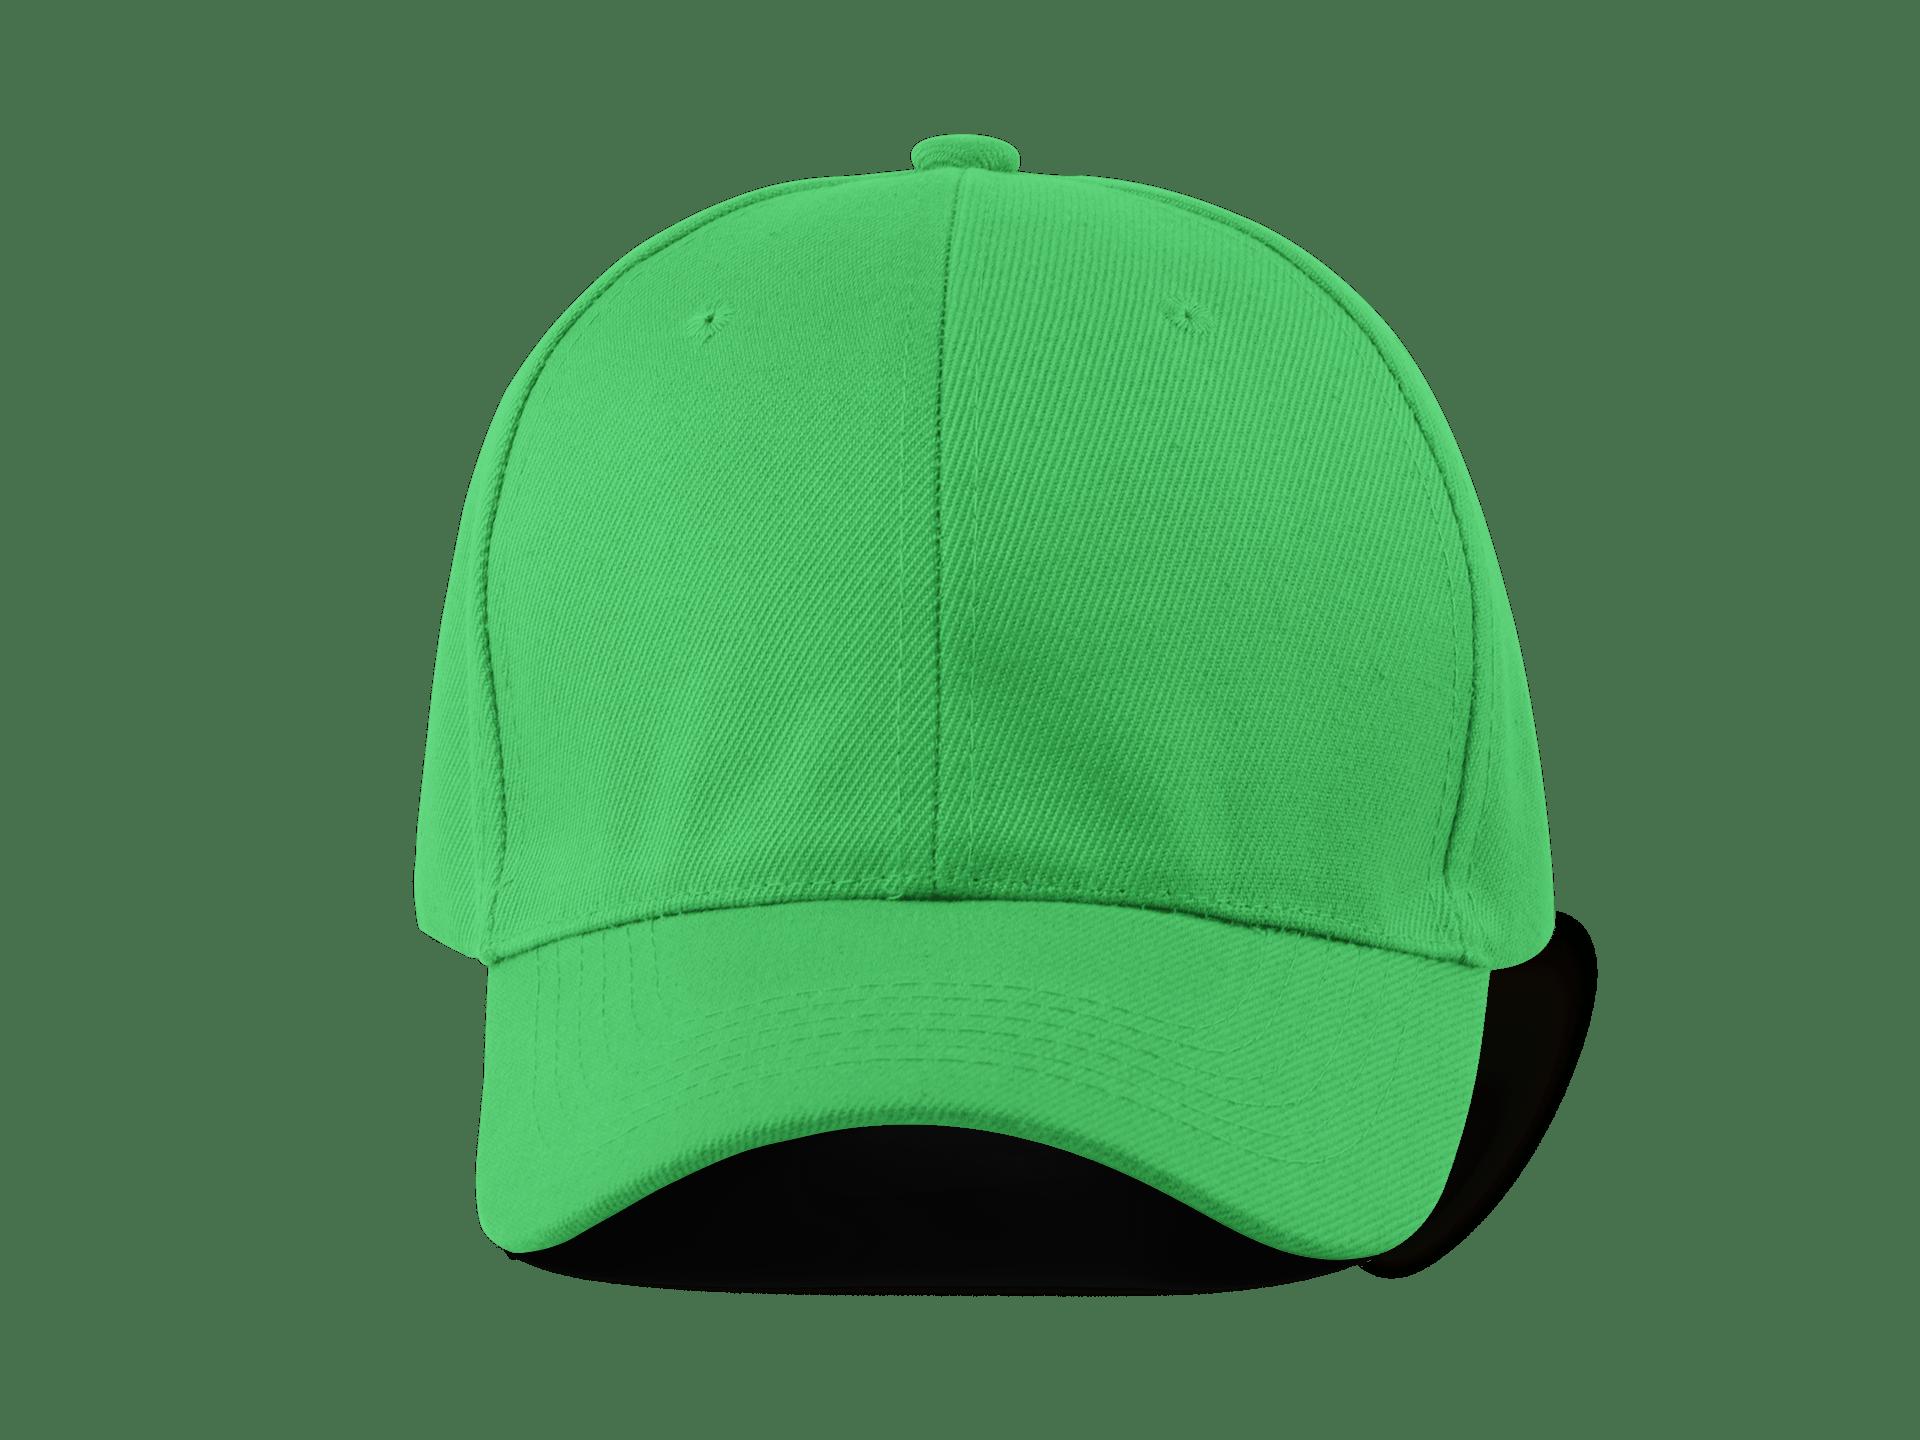 cap-green-color